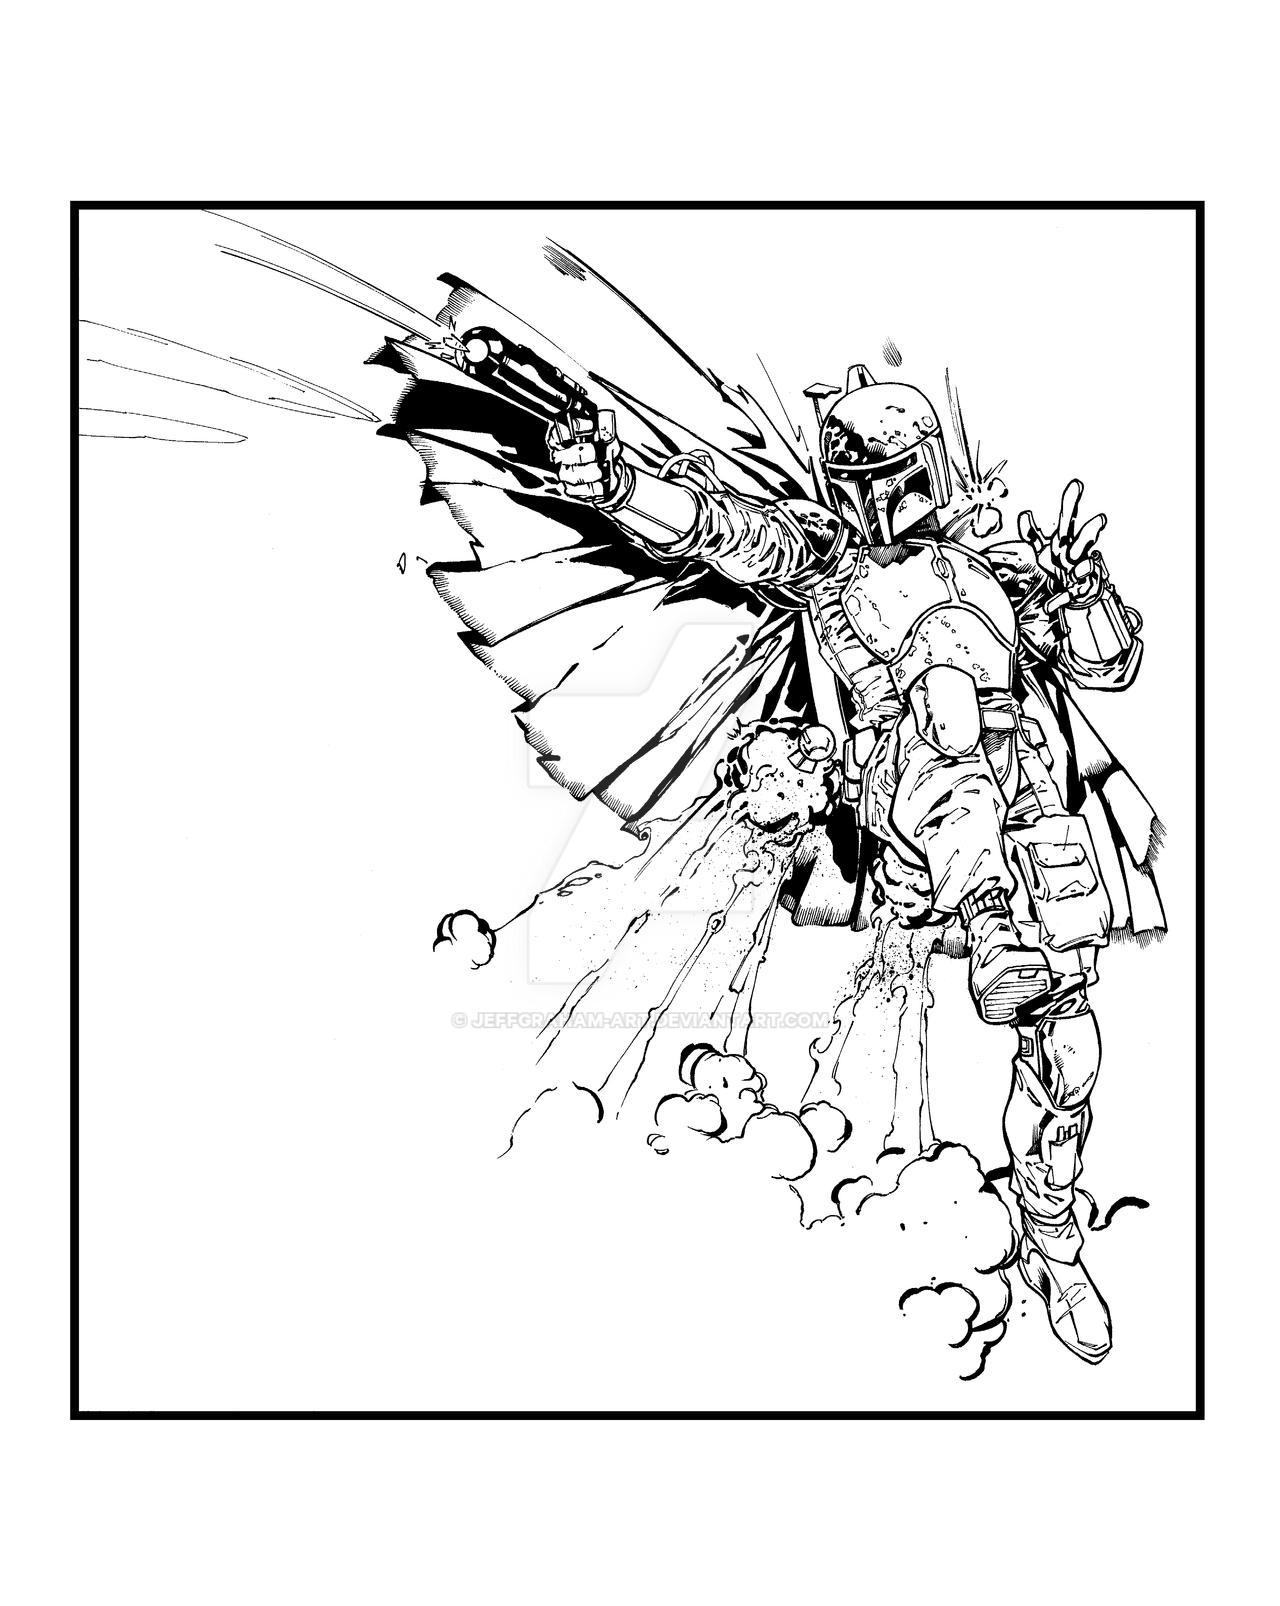 Boba Fett - Lashley by JeffGraham-Art